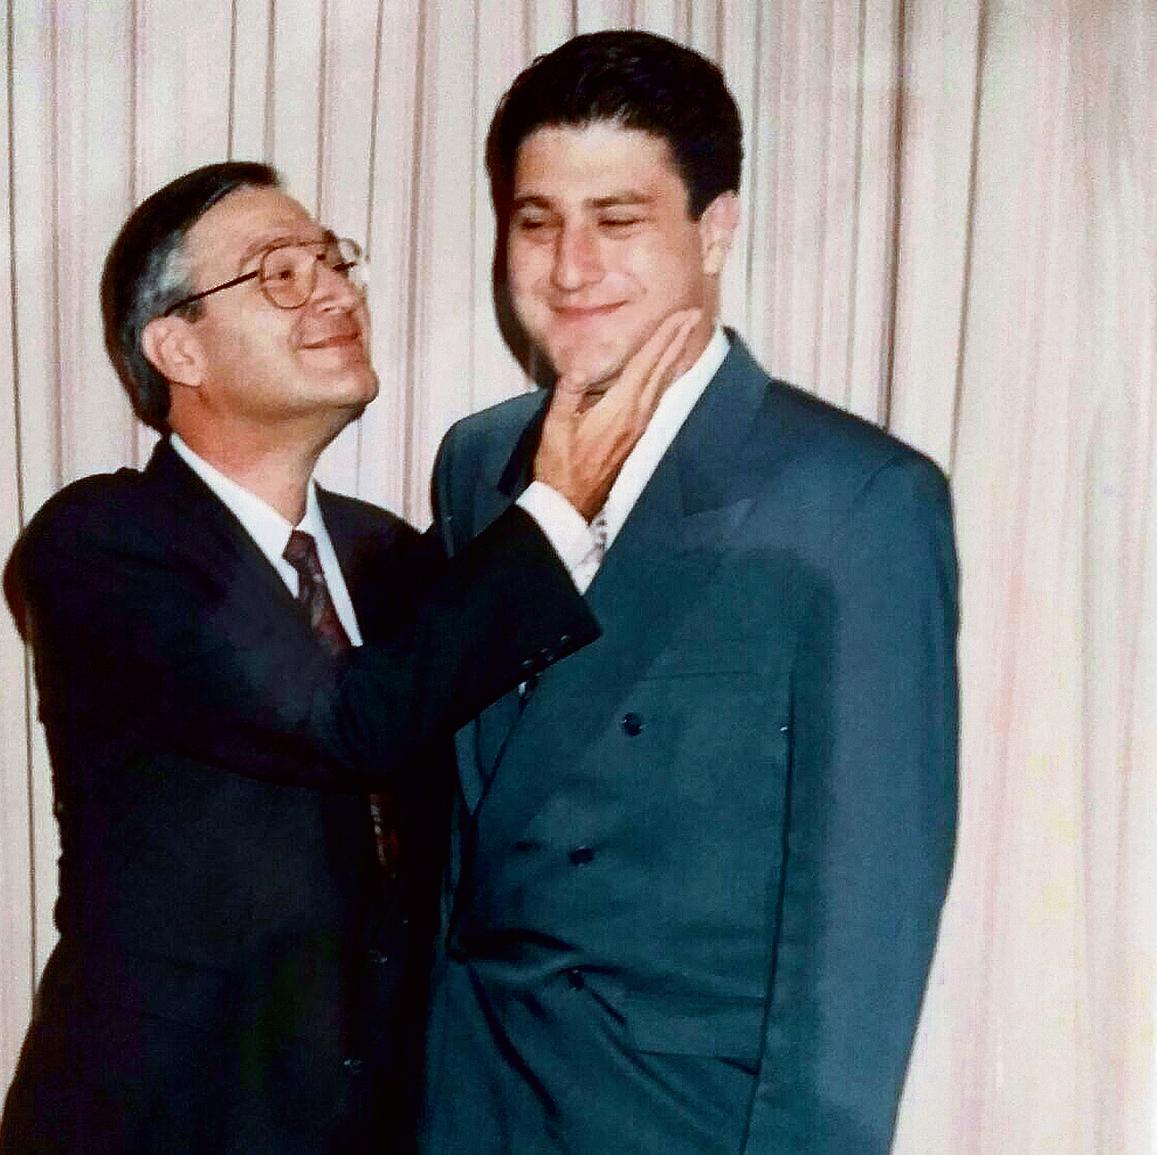 רגע של נחת, בשנת 93'. ירון בחתונתו עם אביו דניאל